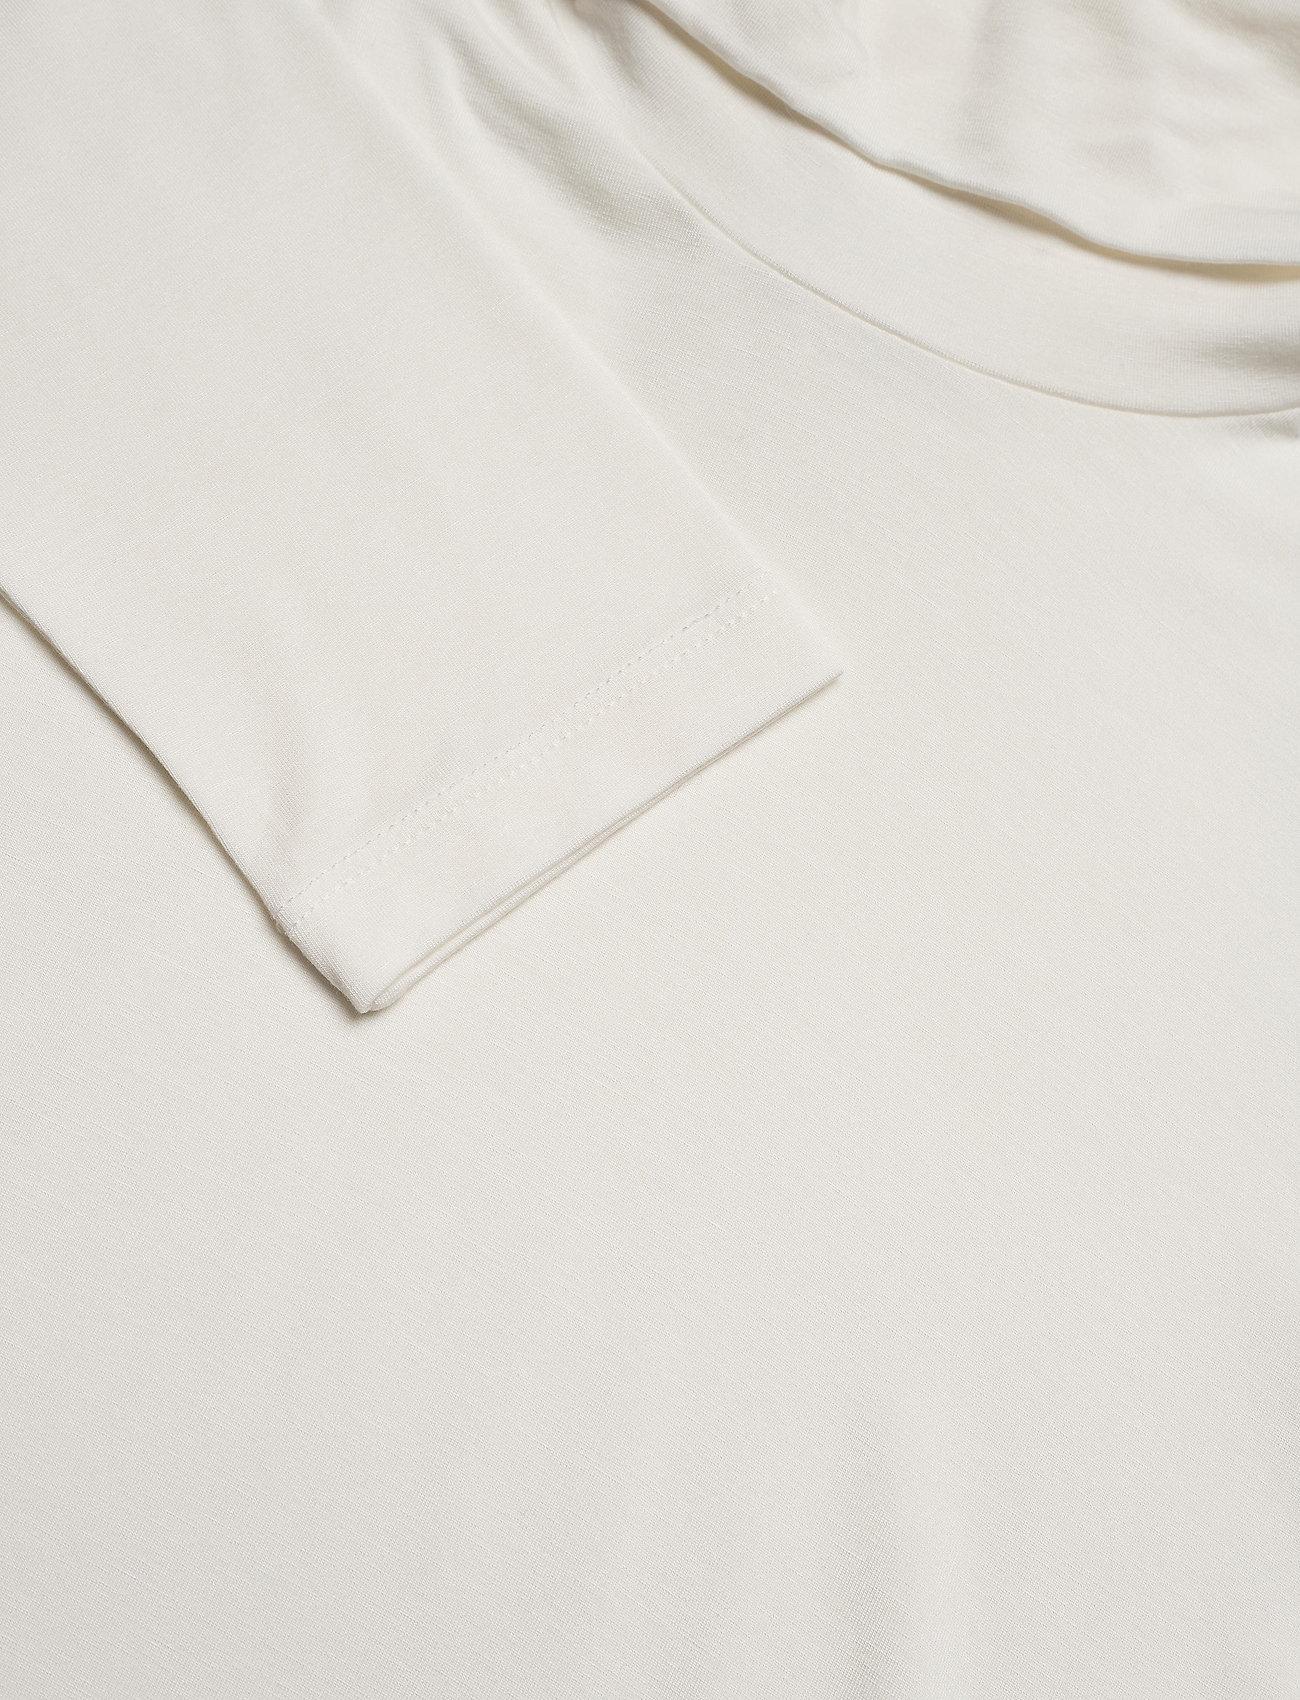 Max Mara Leisure - FRESIS - getrickte tops - white - 2